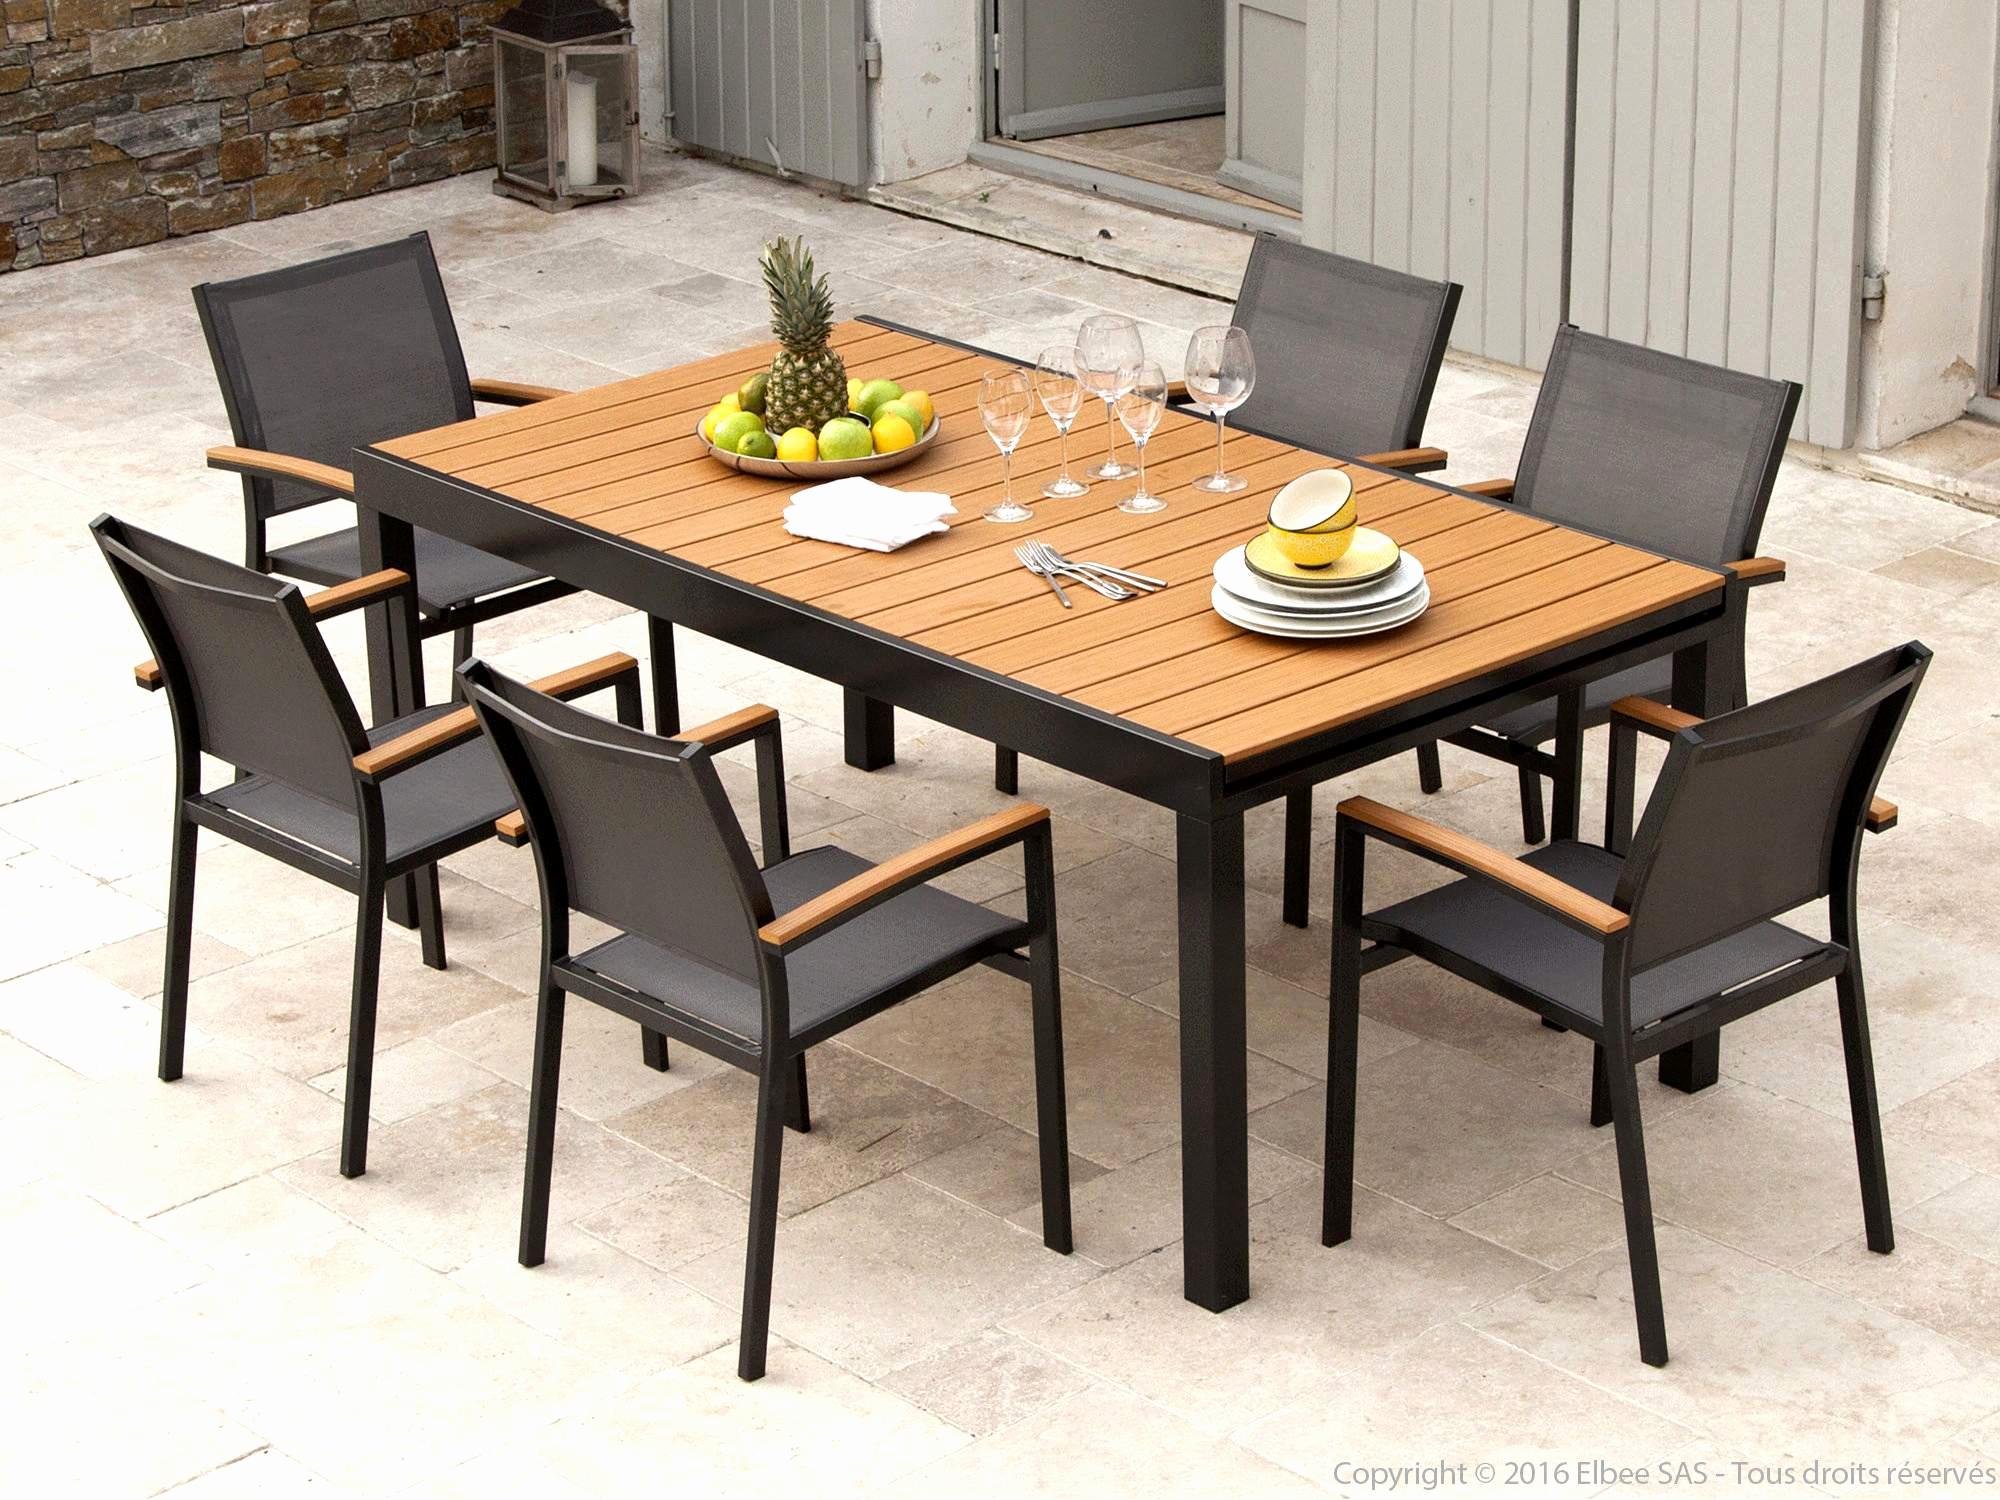 Salon De Jardin California Brico Depot Luxe Salon De Jardin ... concernant Table De Jardin Brico